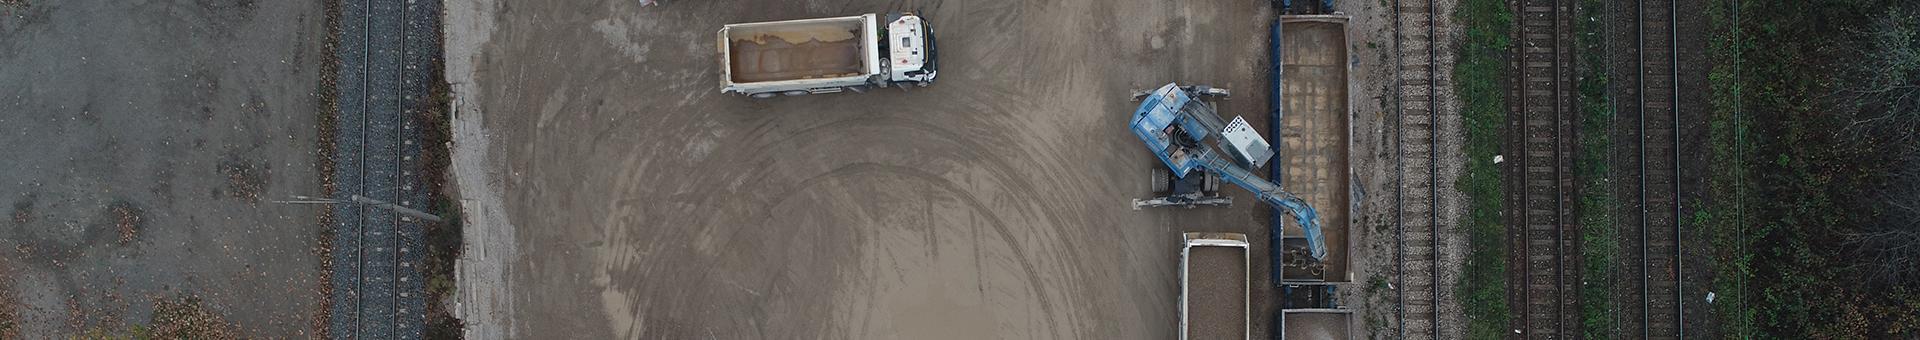 Widok z drona na plac załadunkowy